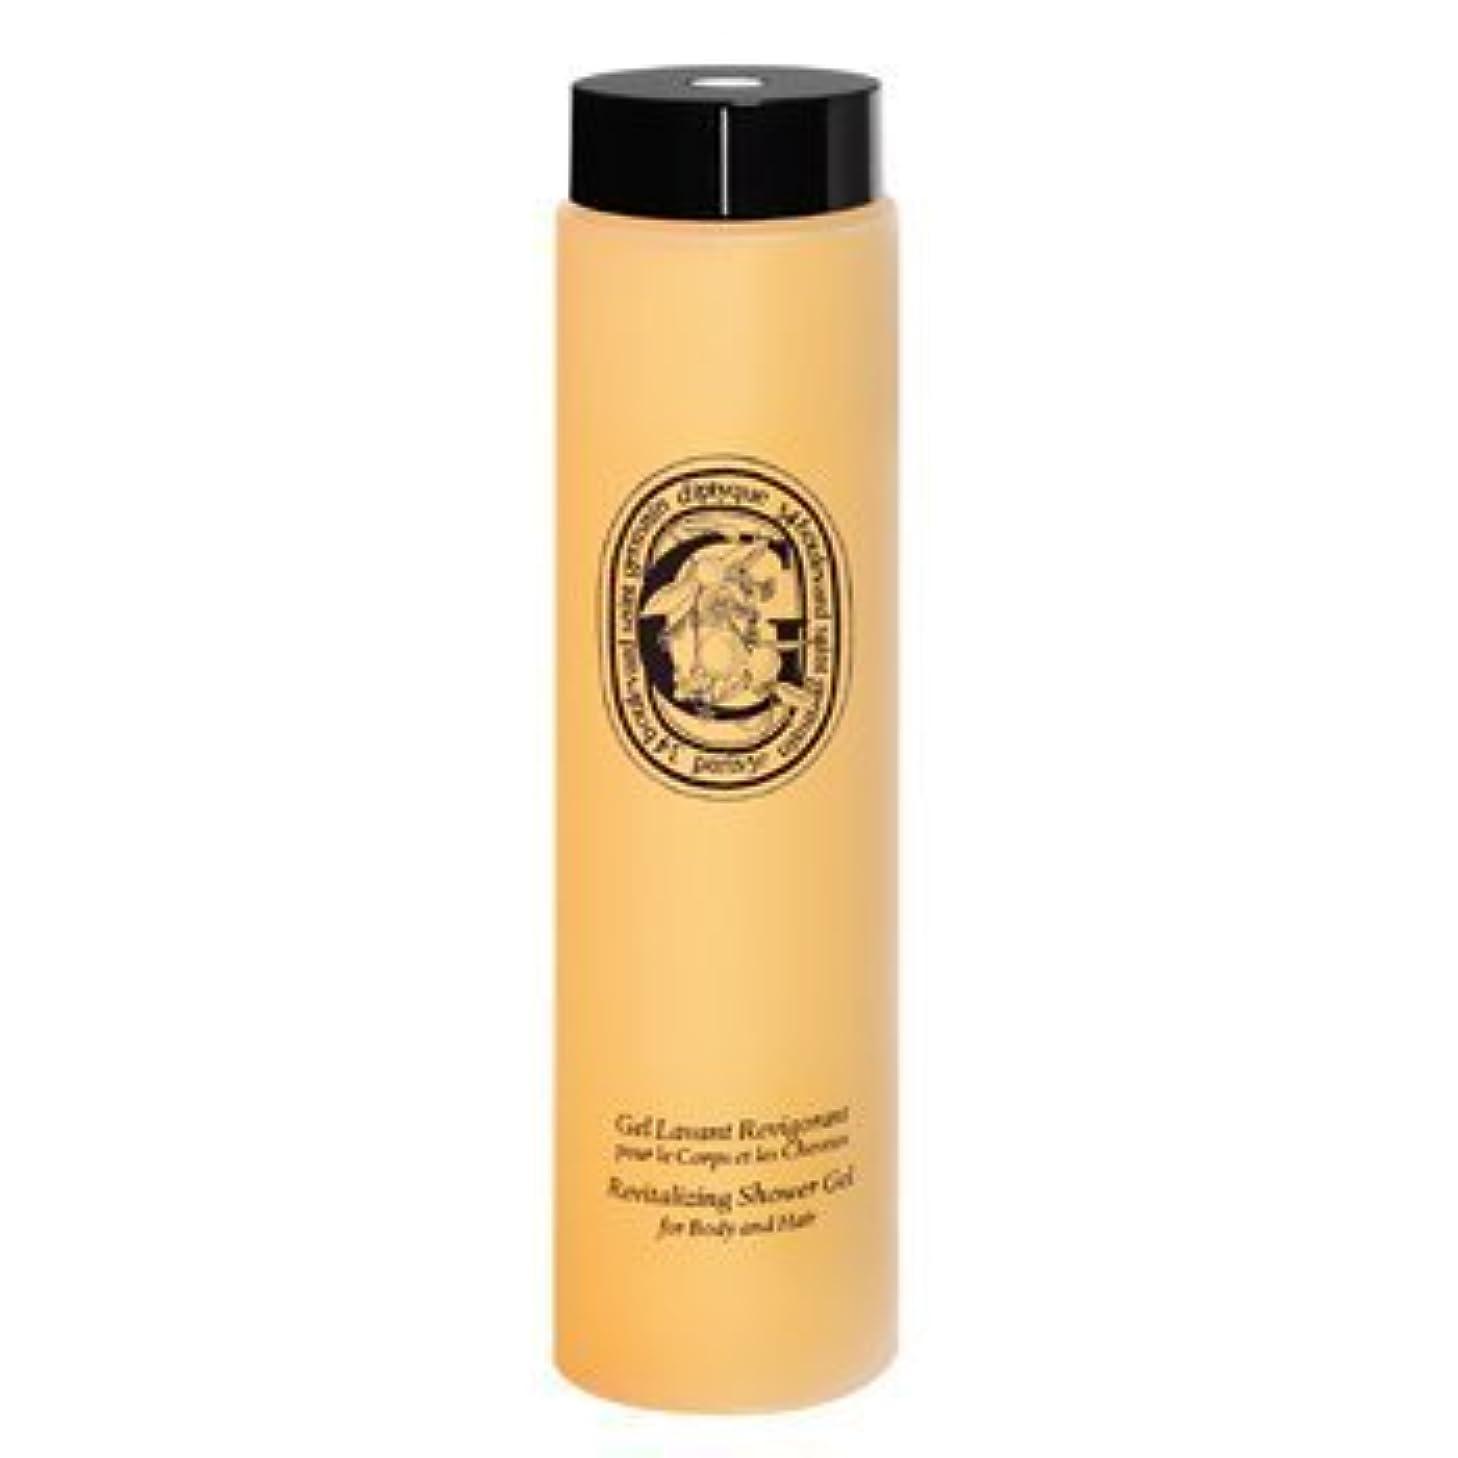 繁栄買い物に行く車Diptyque The Art of Body Care Revitalizing Shower Gel Hair & Body-6.8 oz by Diptyque [並行輸入品]